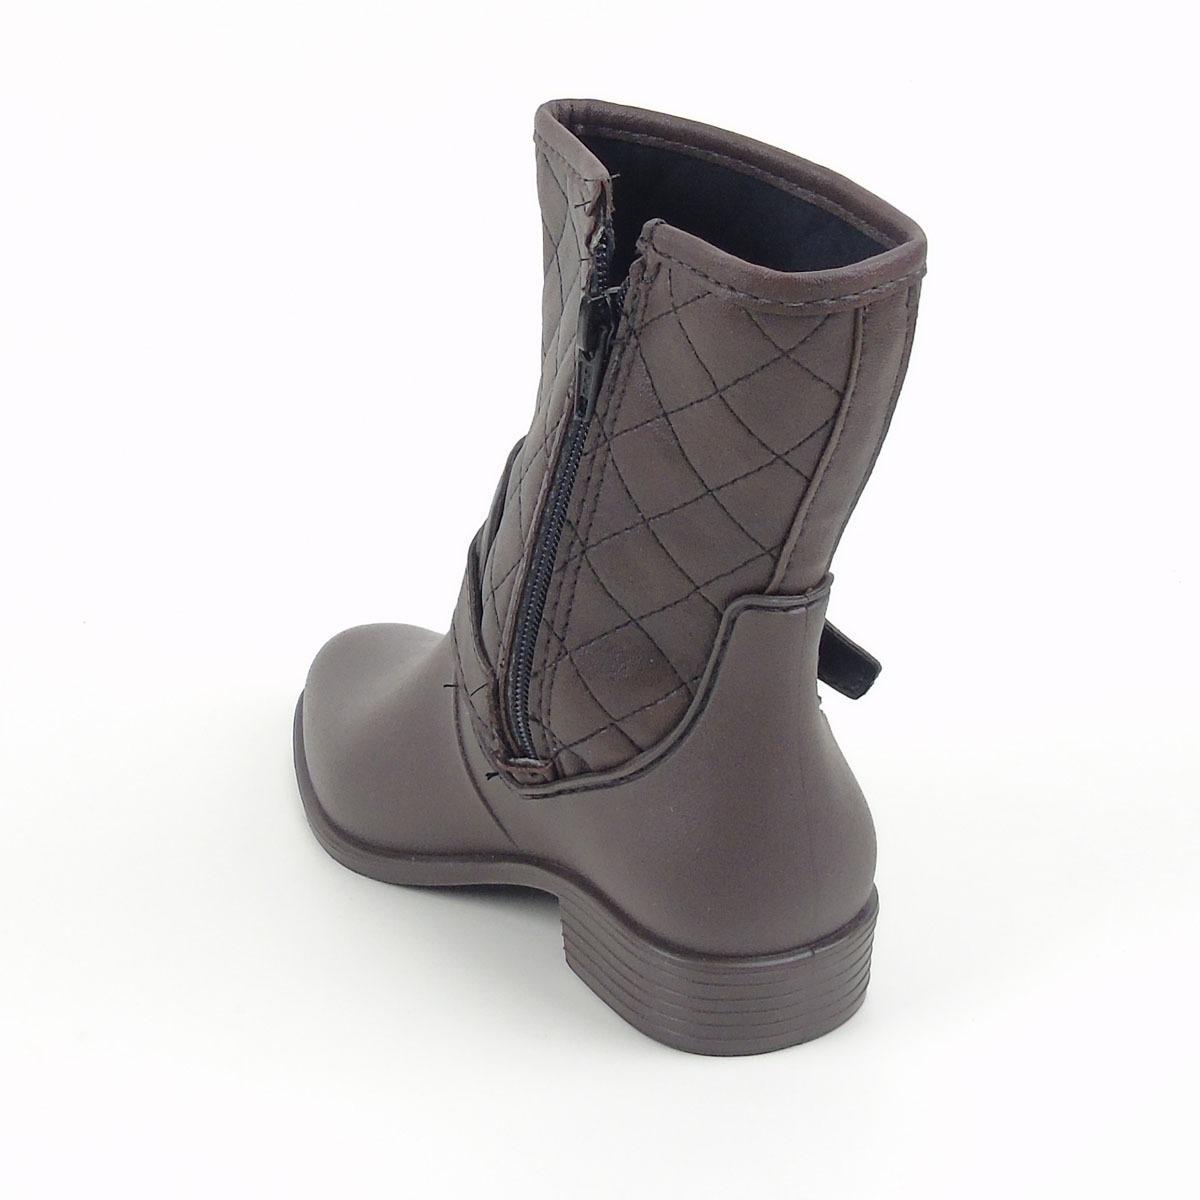 77efb74cdb0 bota infantil luelua feminina na cor café 9600-35. Carregando zoom.